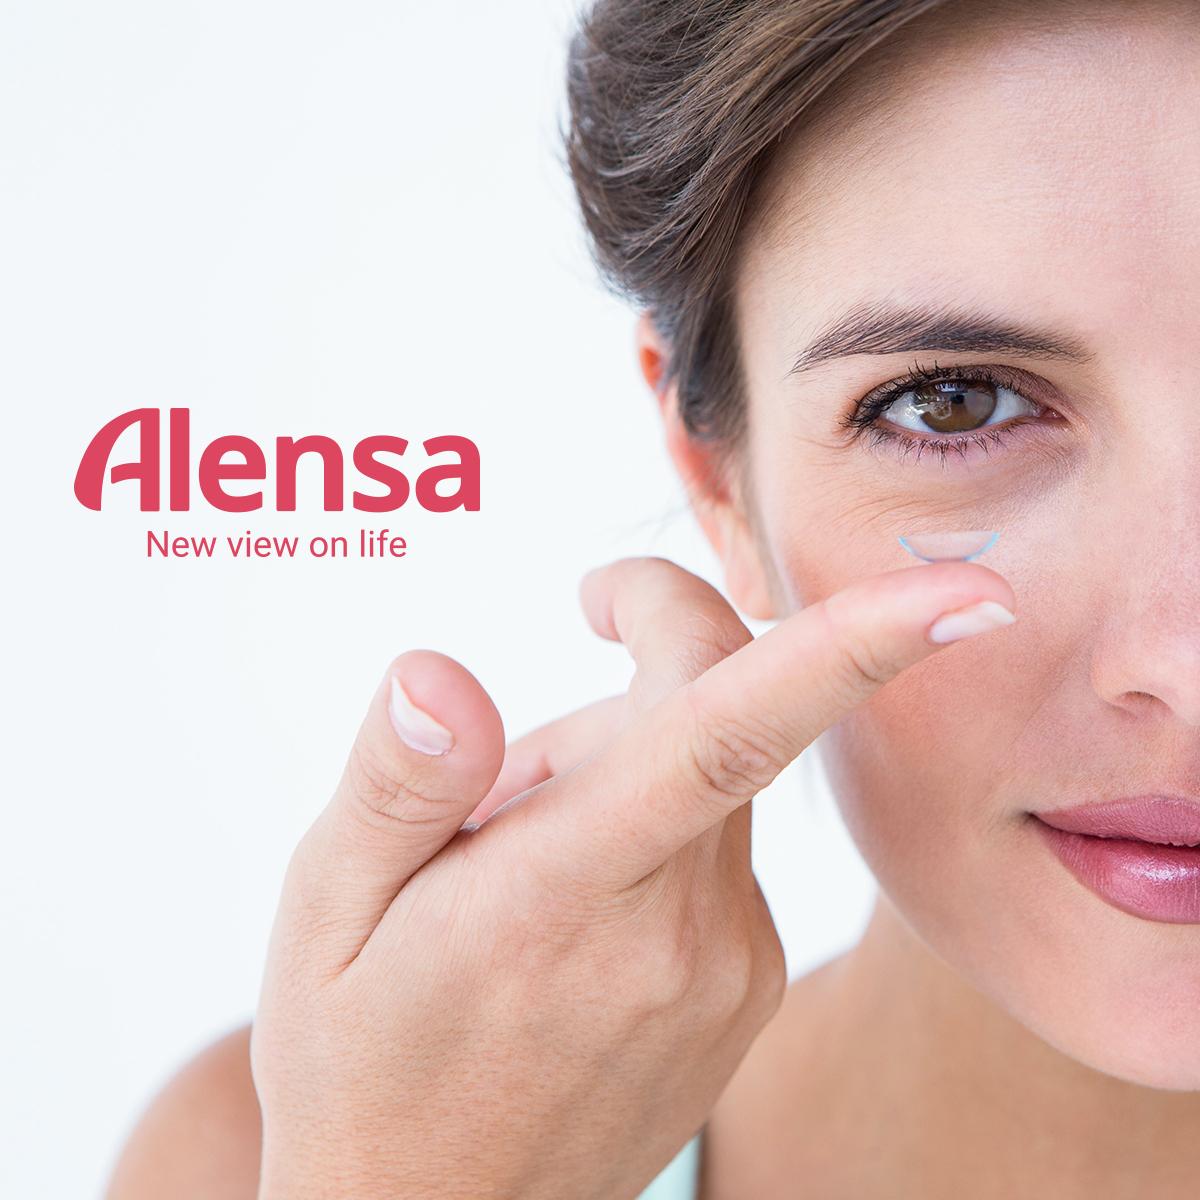 www.alensa.fi